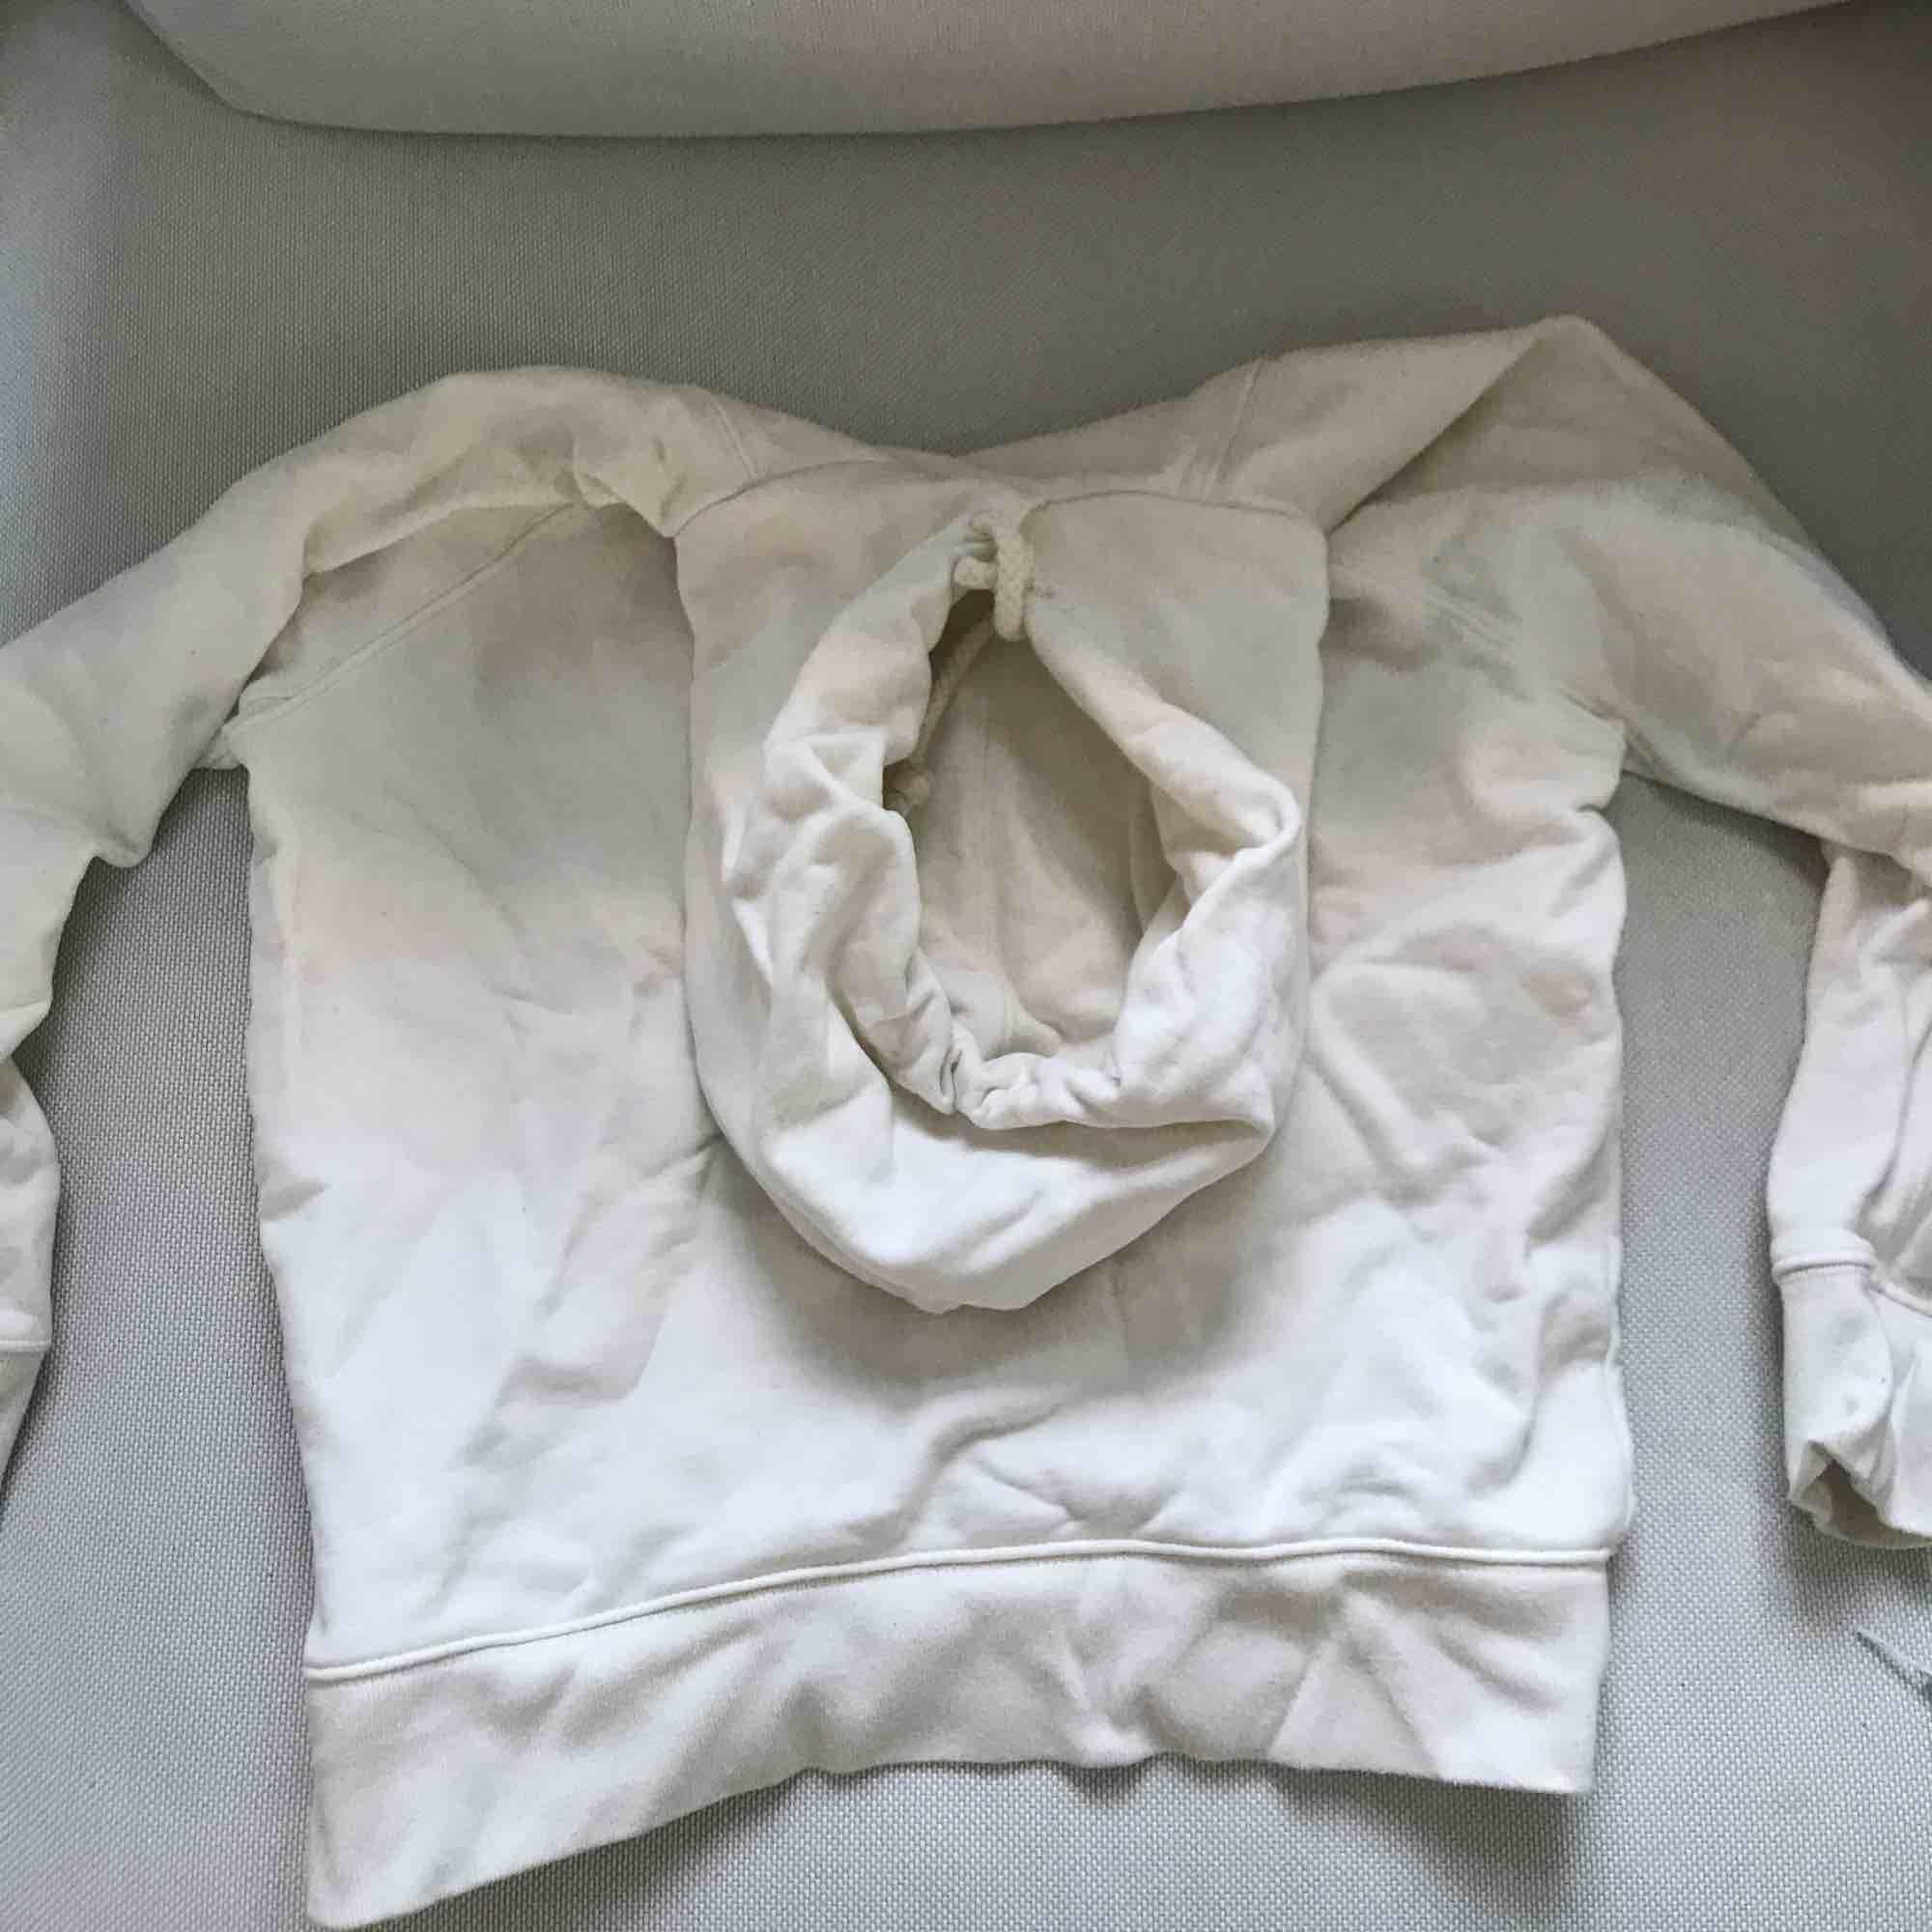 Levis hoodie i strlk xs, säljes då jag aldrig använt den. Hoodien har ganska tjockt material. Köpare står för frakt. Huvtröjor & Träningströjor.